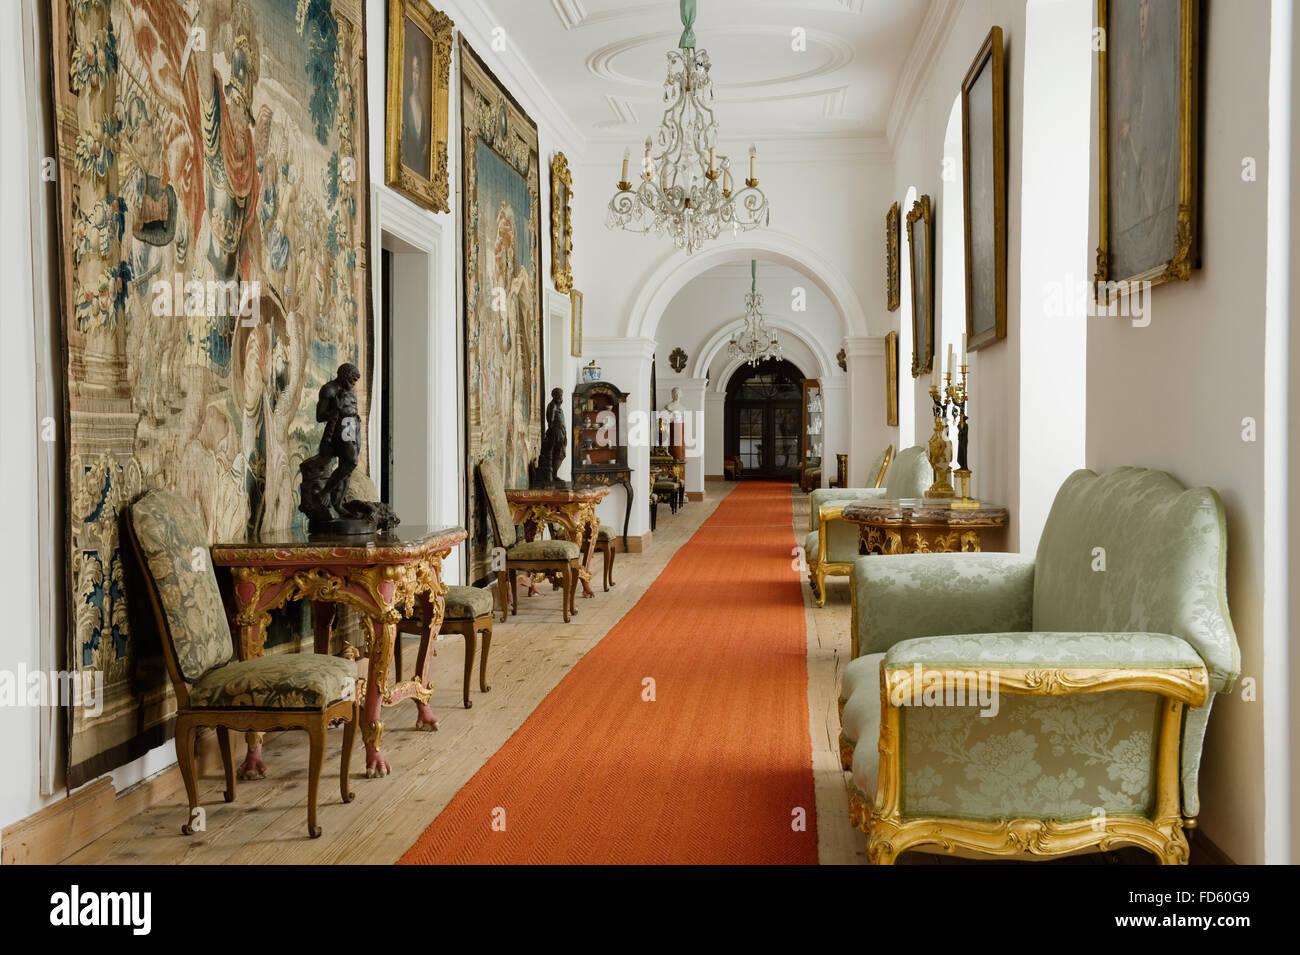 wandteppich wandbeh nge mit antiken m beln und roten. Black Bedroom Furniture Sets. Home Design Ideas